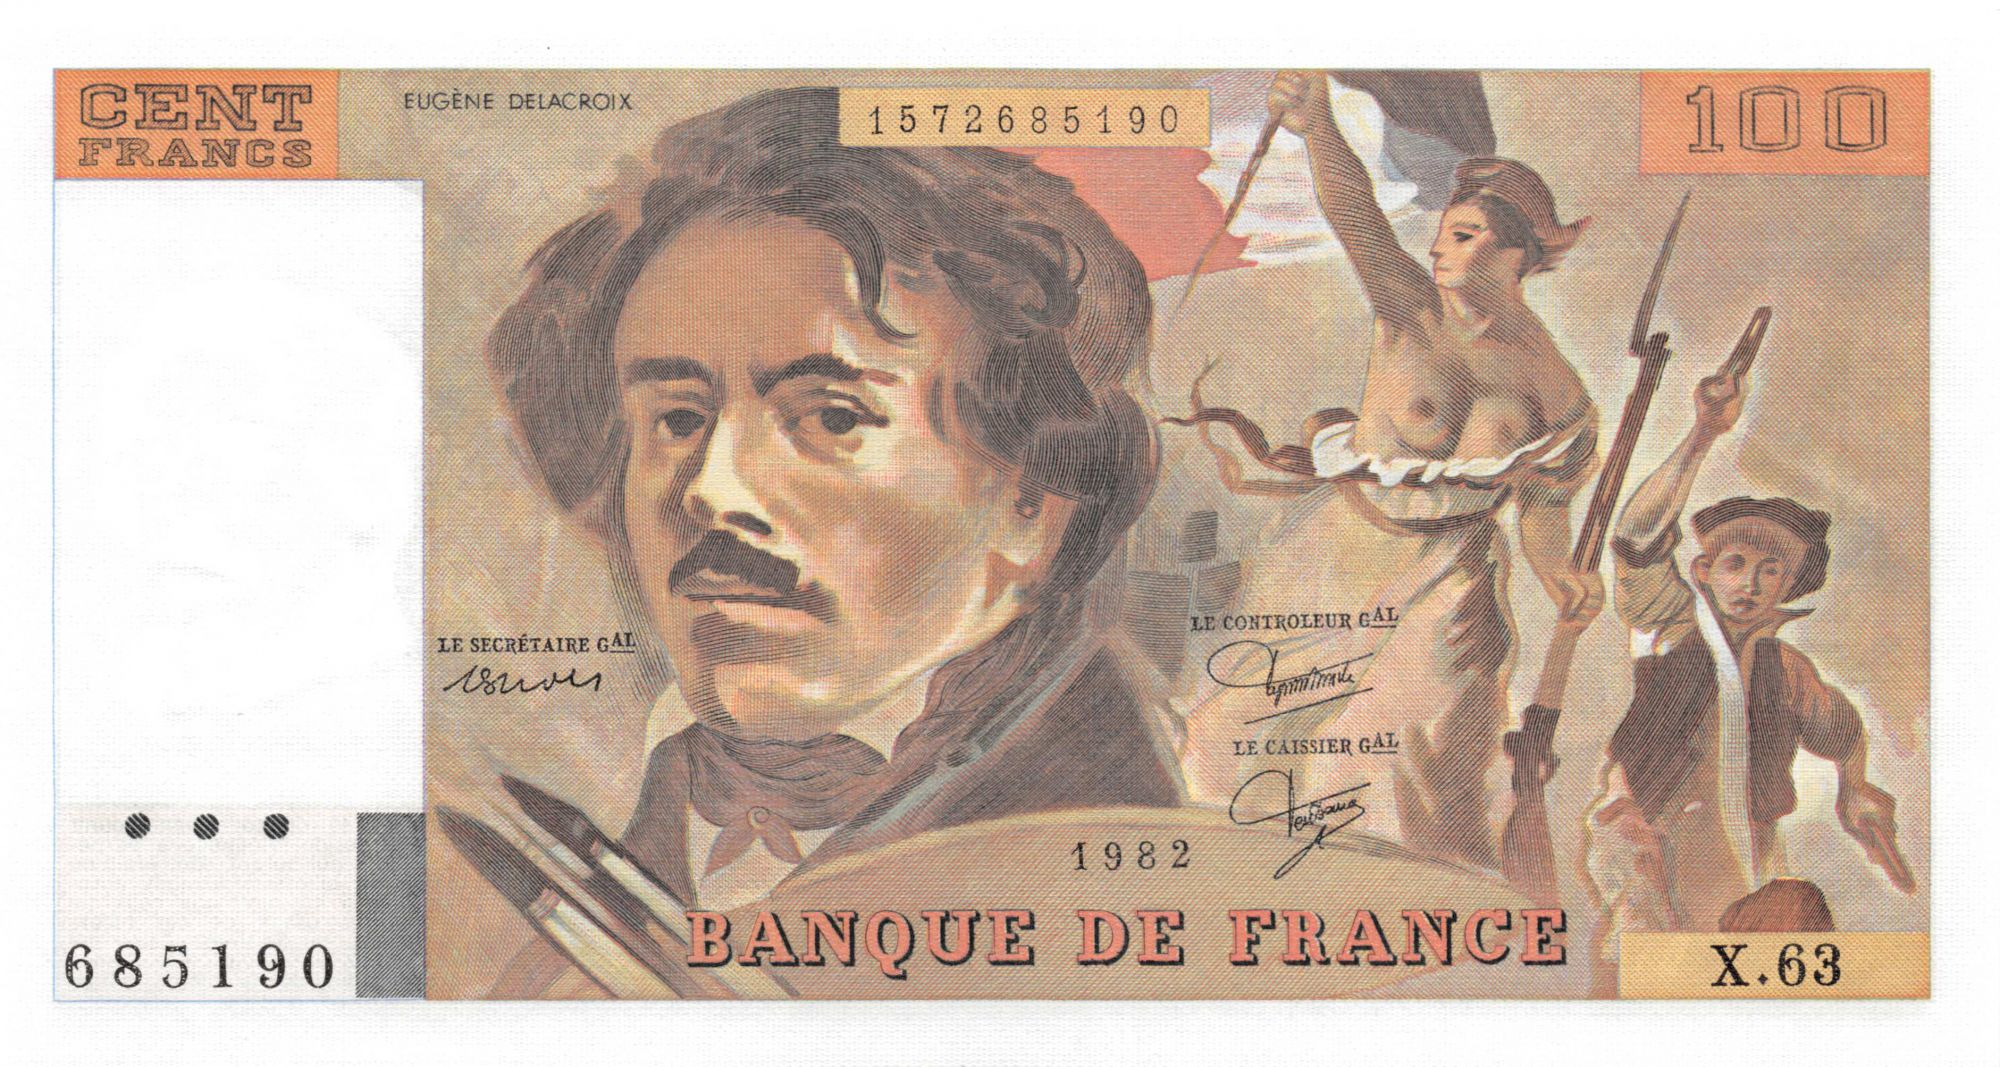 France 100 Francs Delacroix - 1982 Série X.63 - NEUF